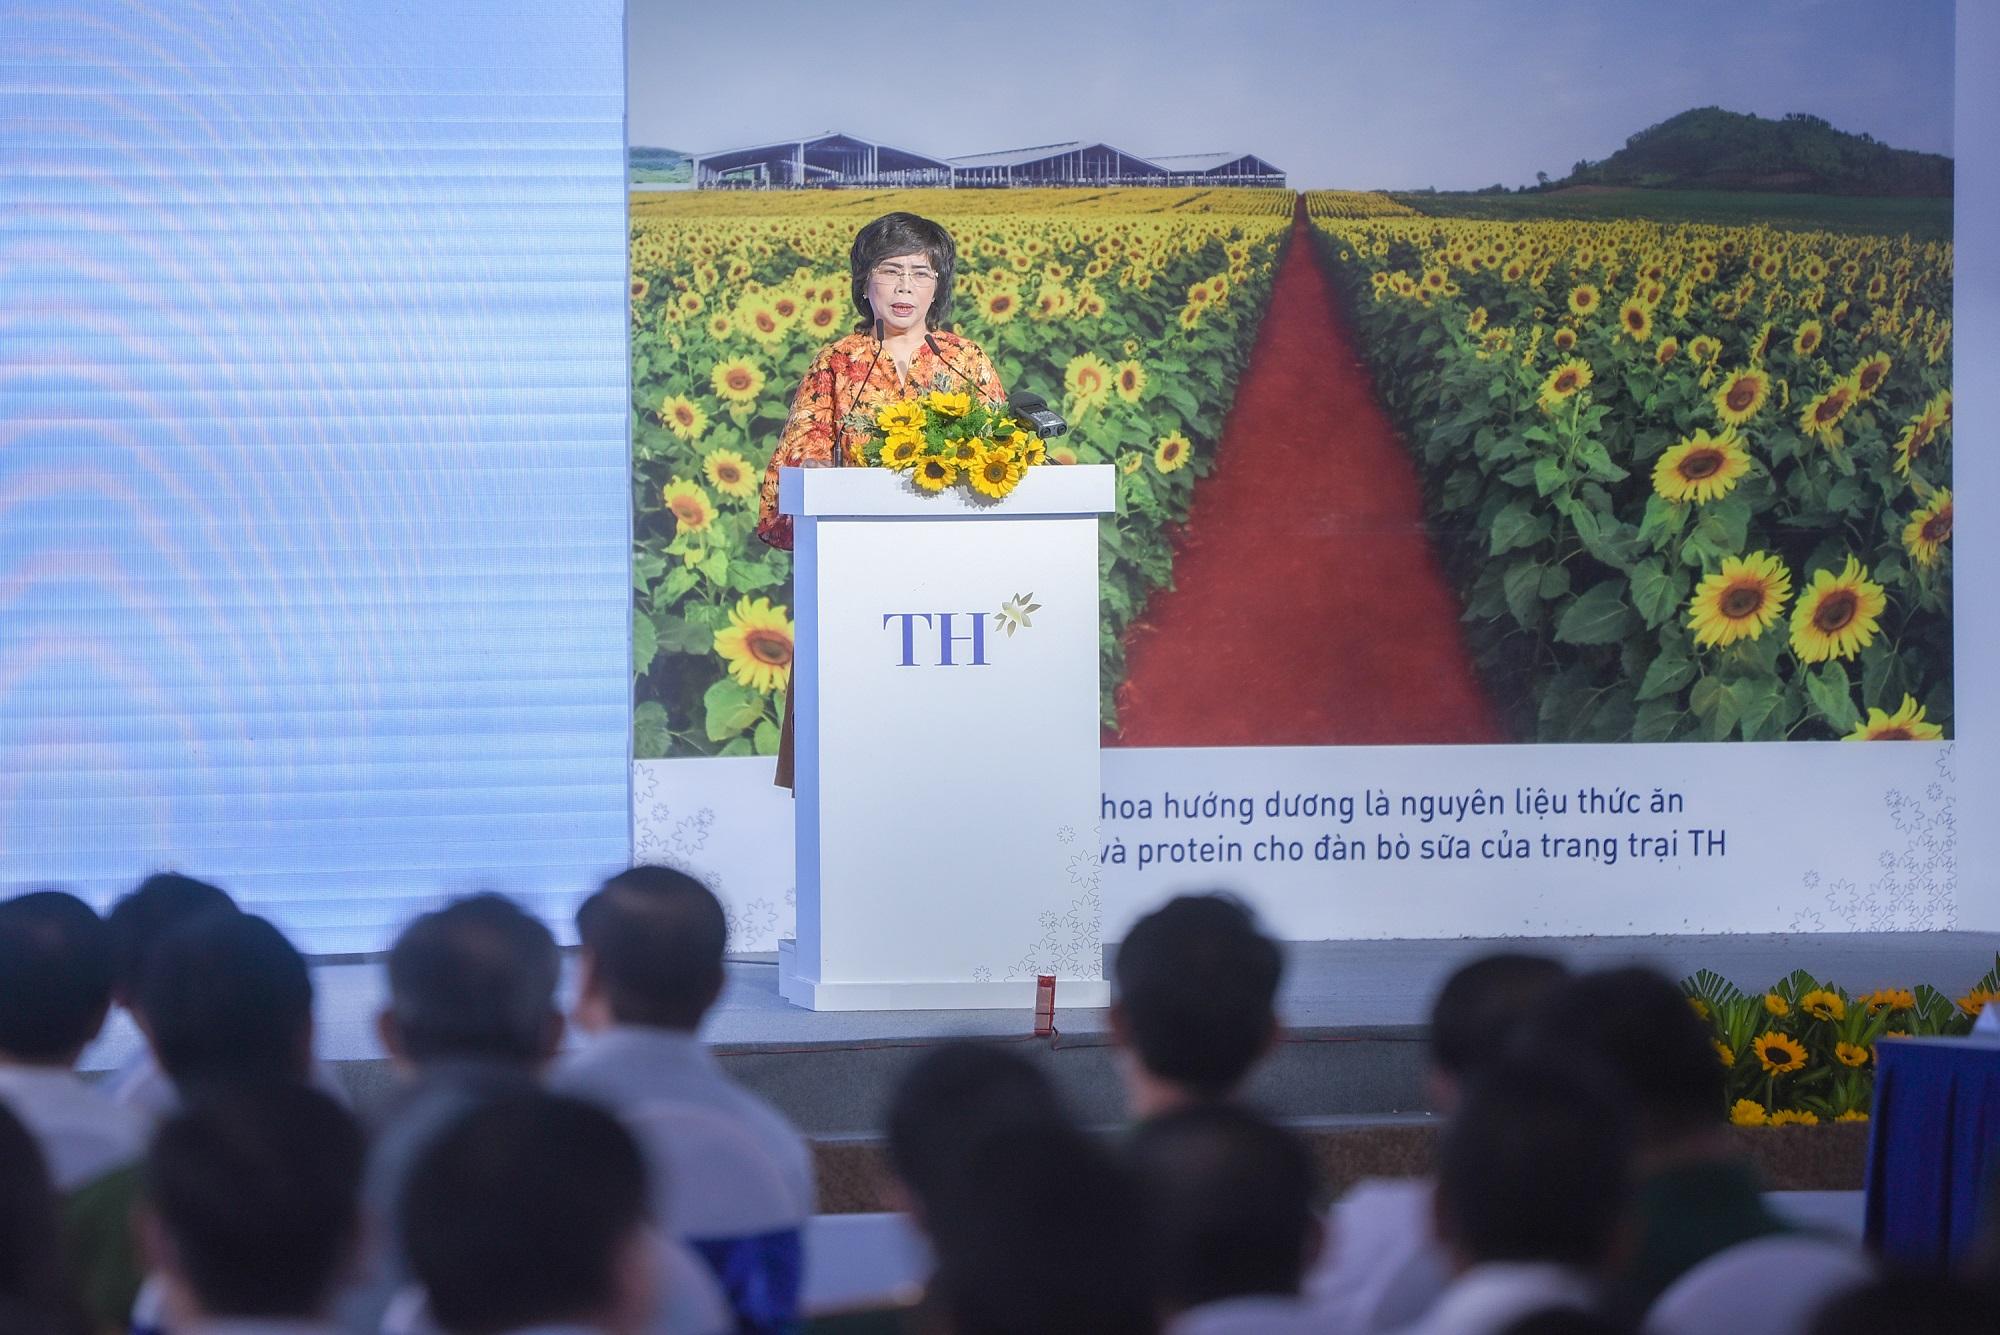 Tập đoàn TH khởi công Dự án chăn nuôi bò sữa công nghệ cao lớn nhất Tây Nguyên 1